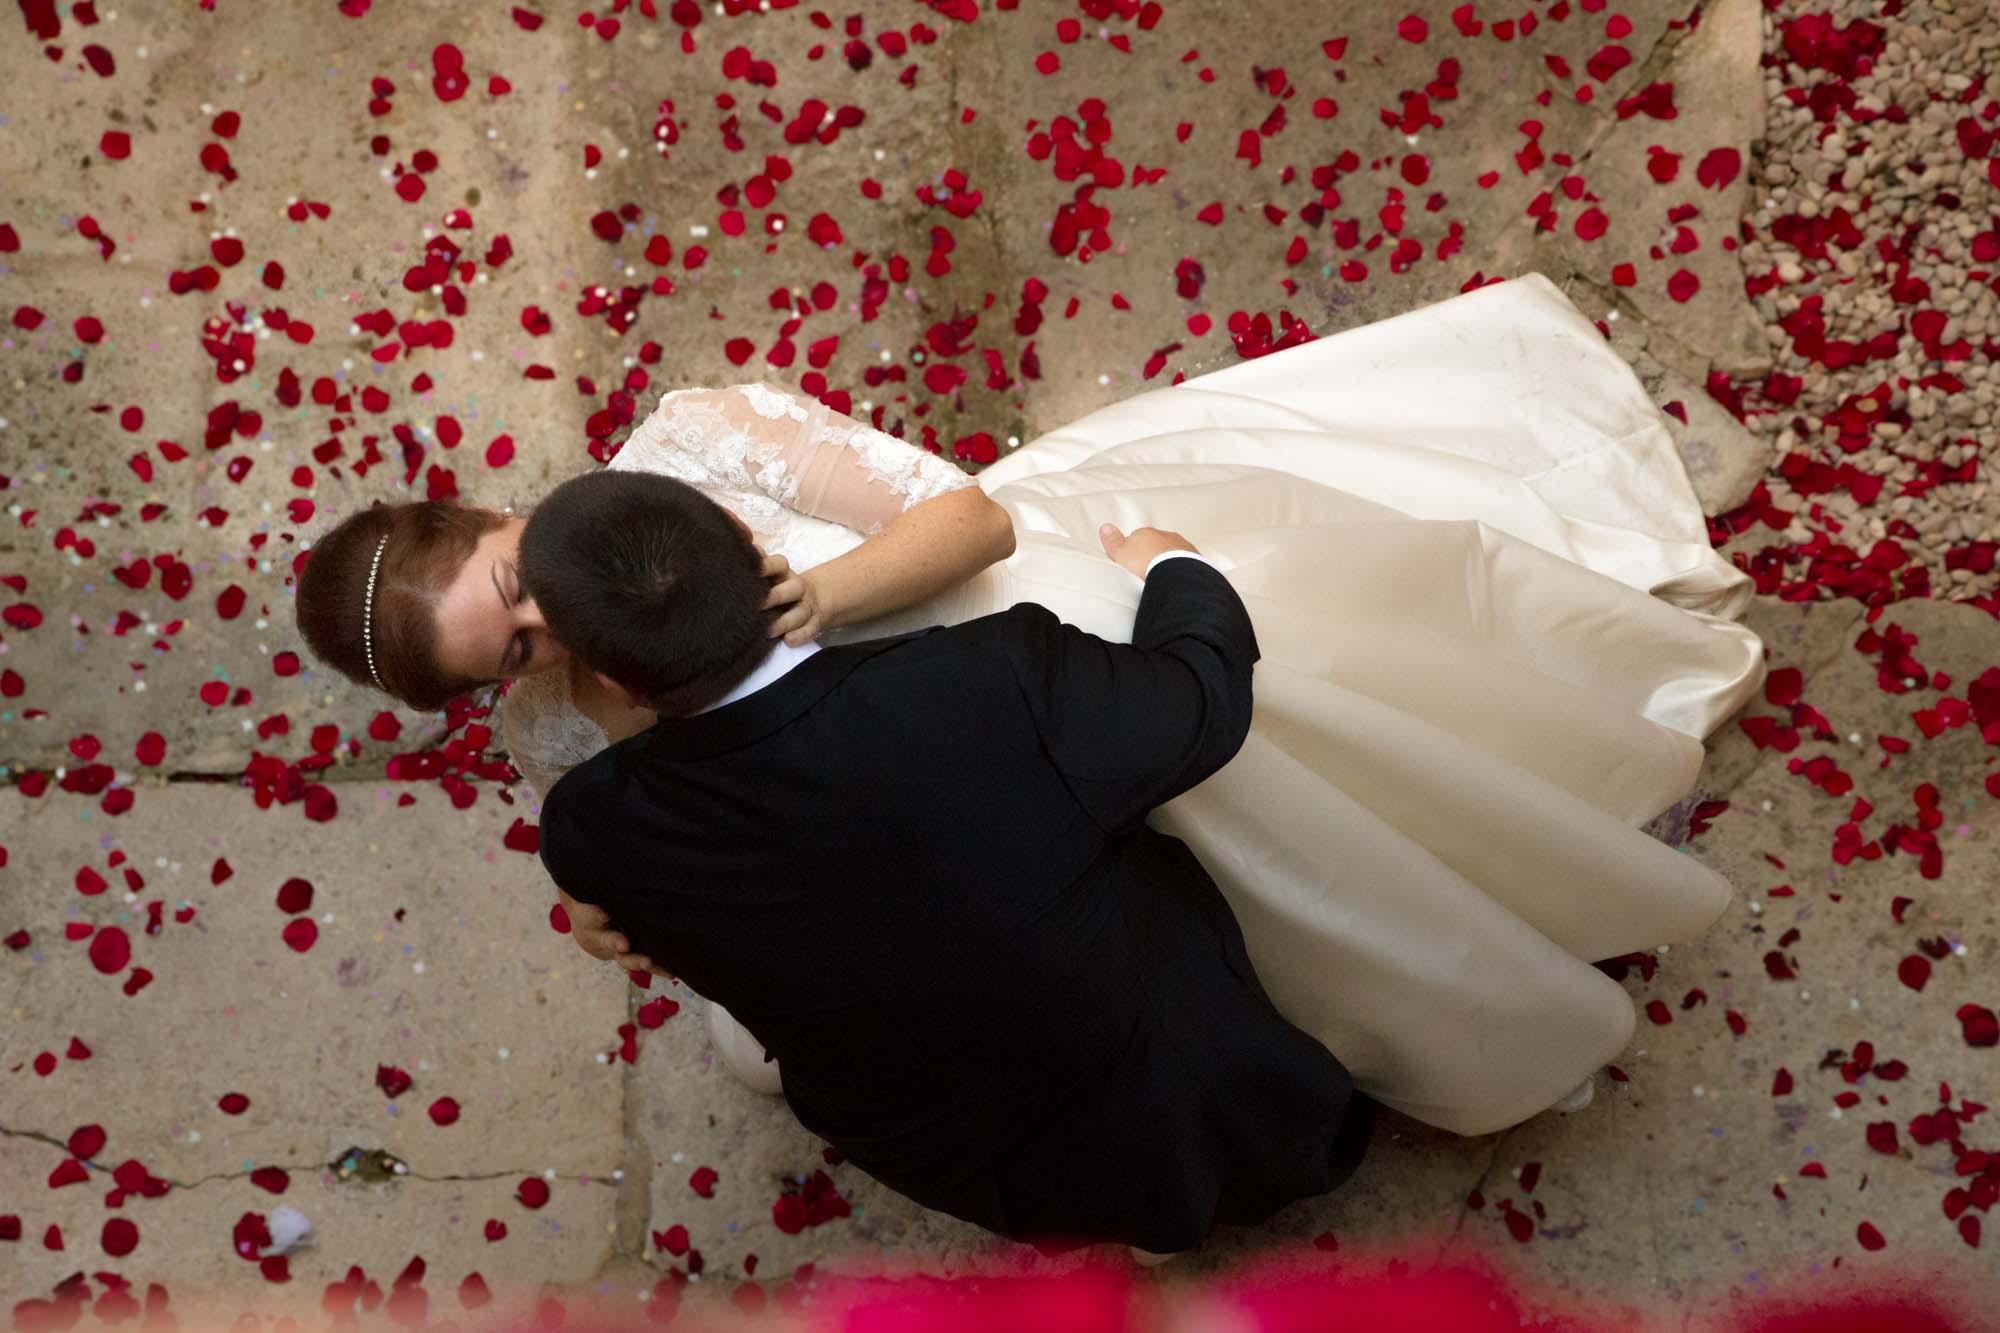 Fotógrafos de Boda. ConOtroEnfoque. Boda. Fotografía diferente. Wedding. Bridal. Bride. matrimonio